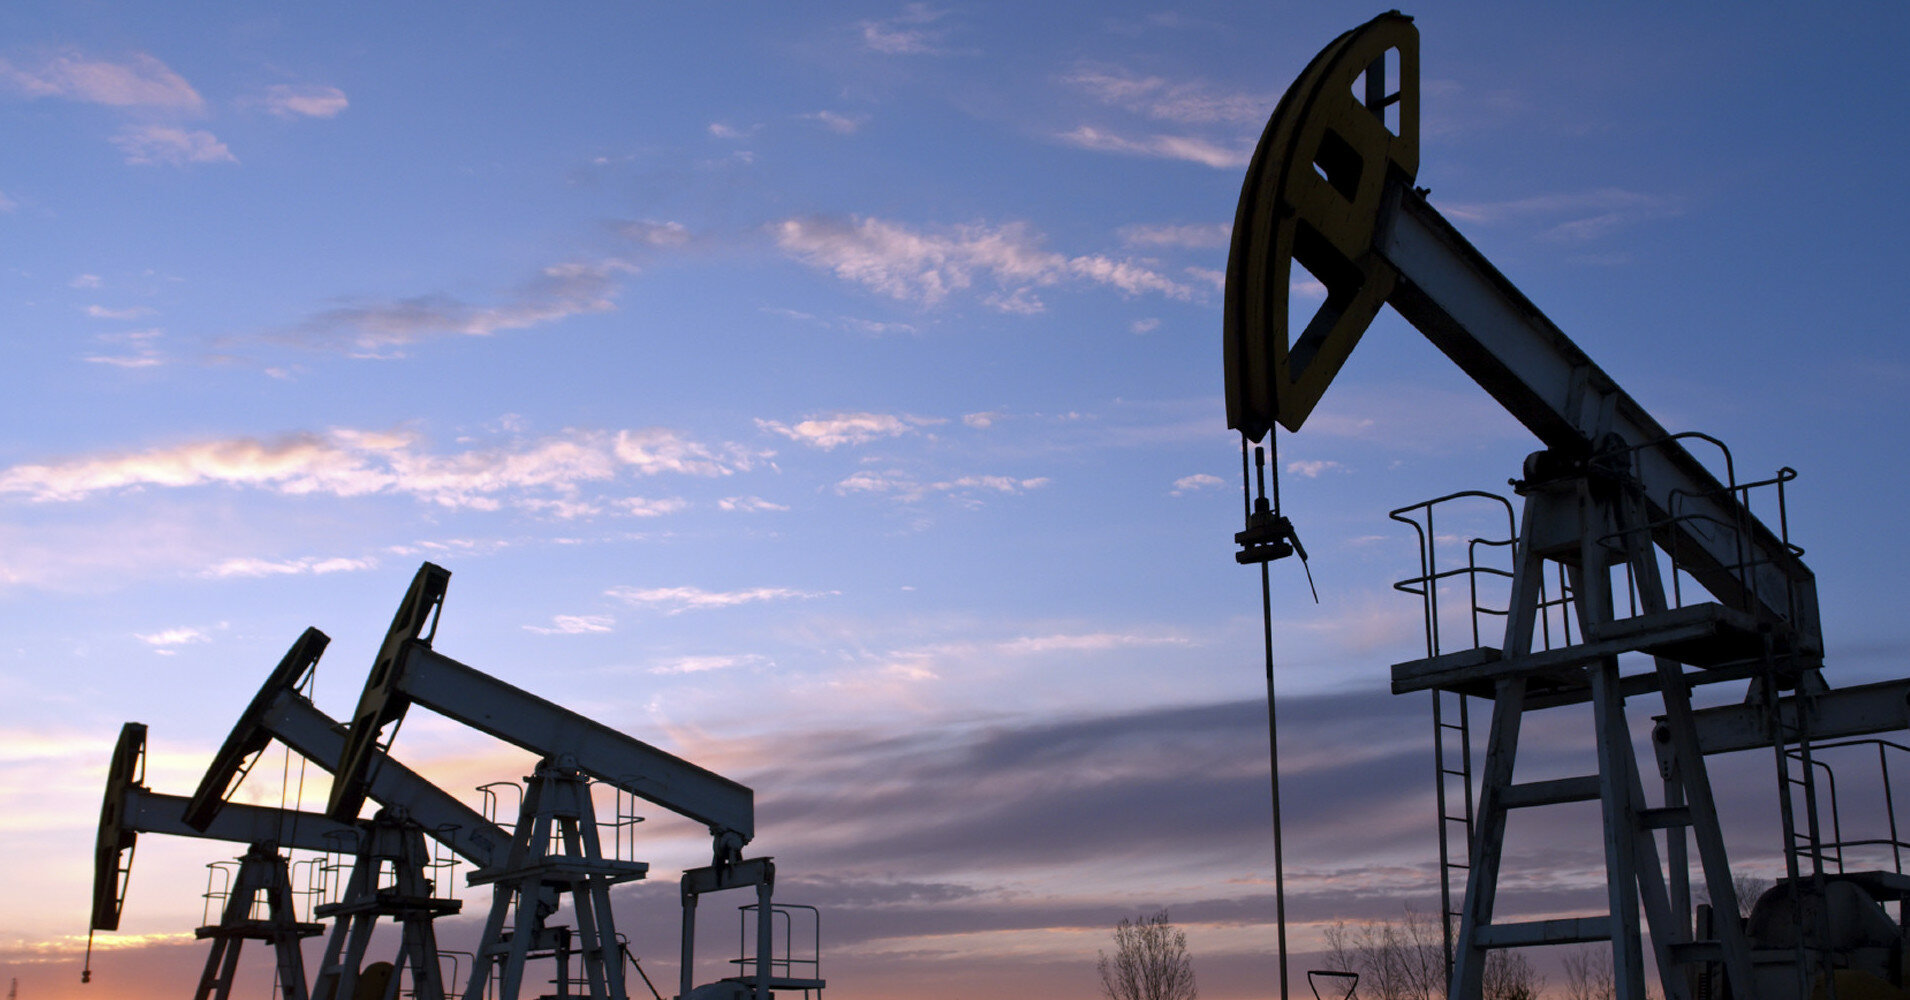 Планы крупнейших нефтяных компаний мира оказались под угрозой